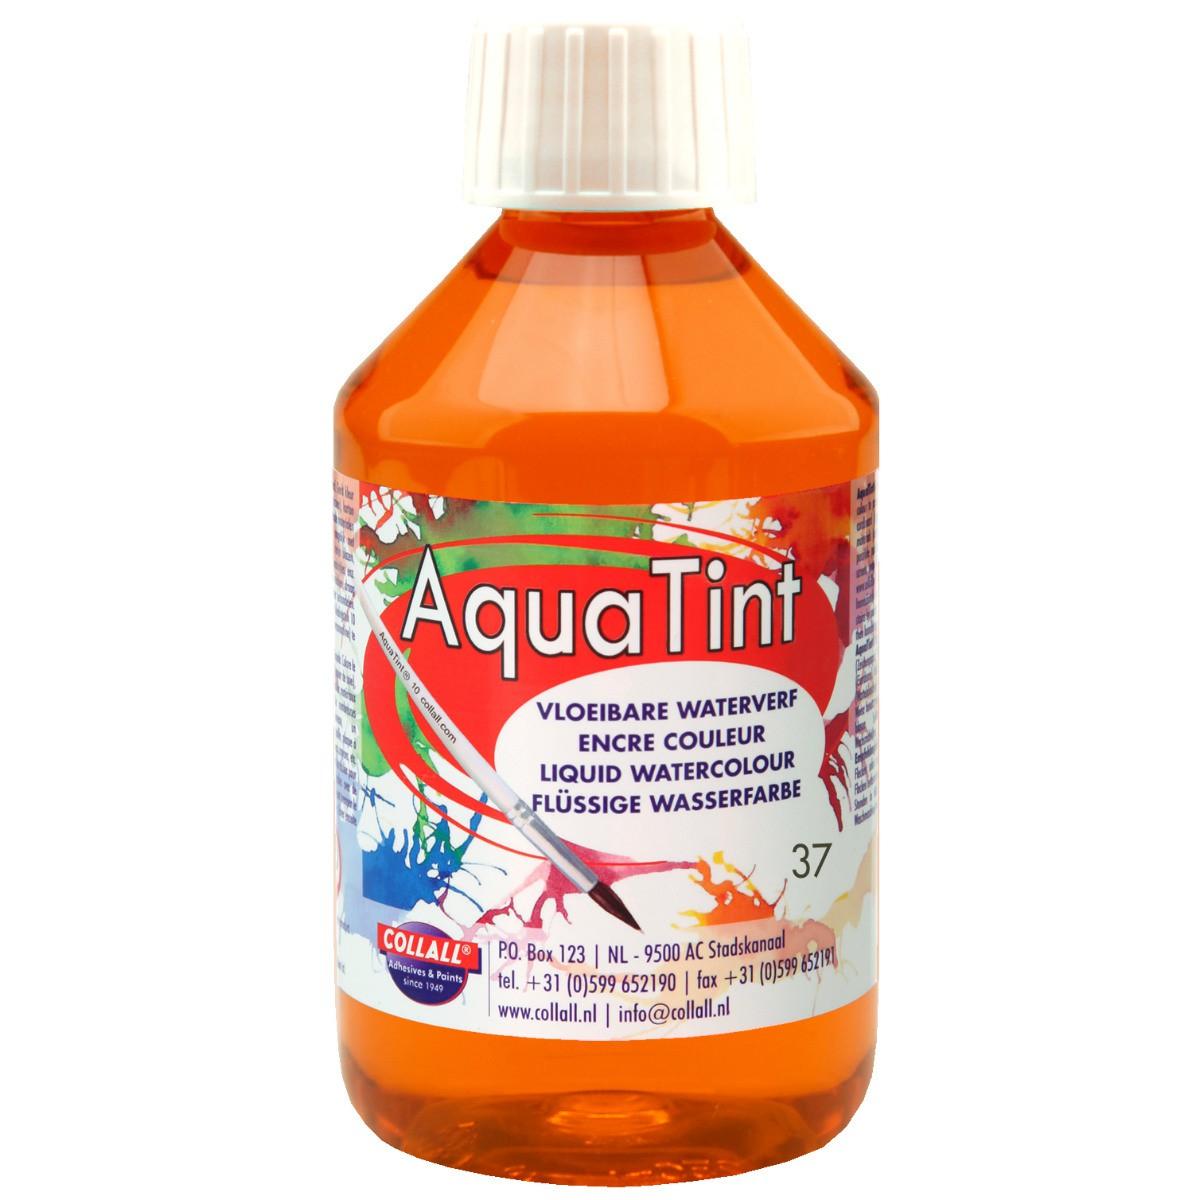 Flüssige Wasserfarbe AquaTint - Farbe orange - 250ml Flasche